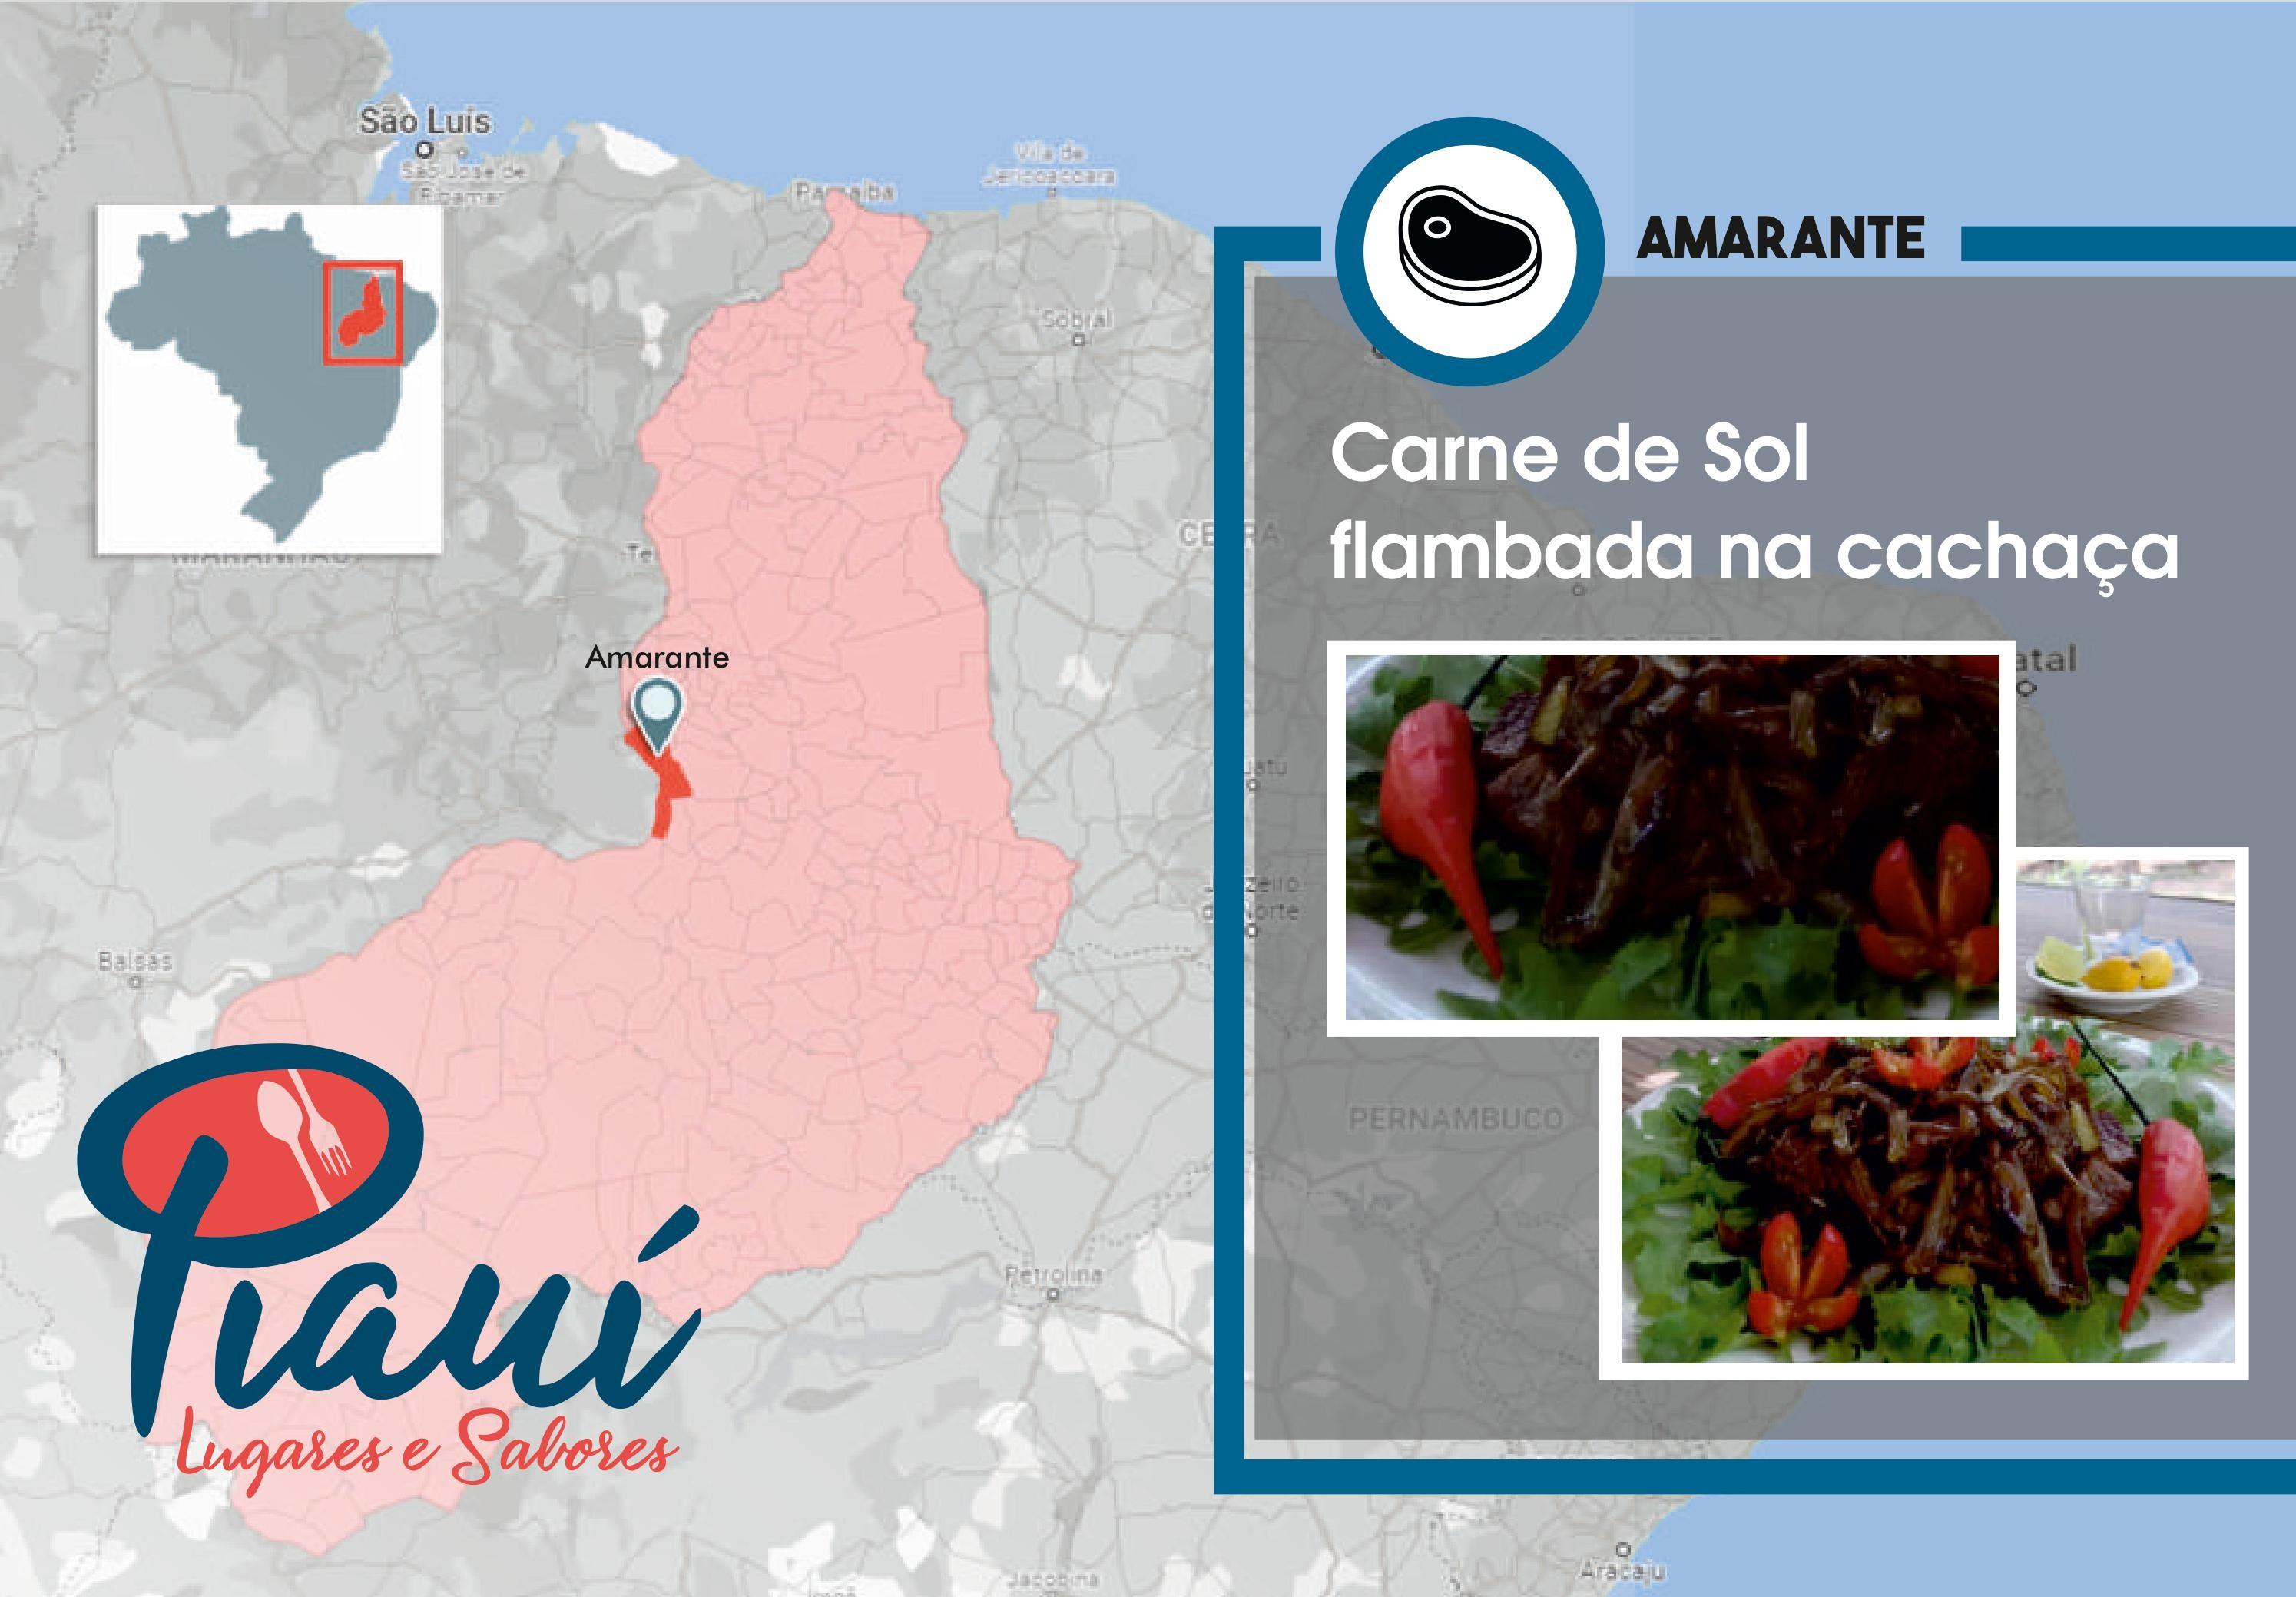 Piauí Lugares e Sabores: guia por Amarante traz carne de sol com cachaça, museus e escadaria em homenagem a poeta